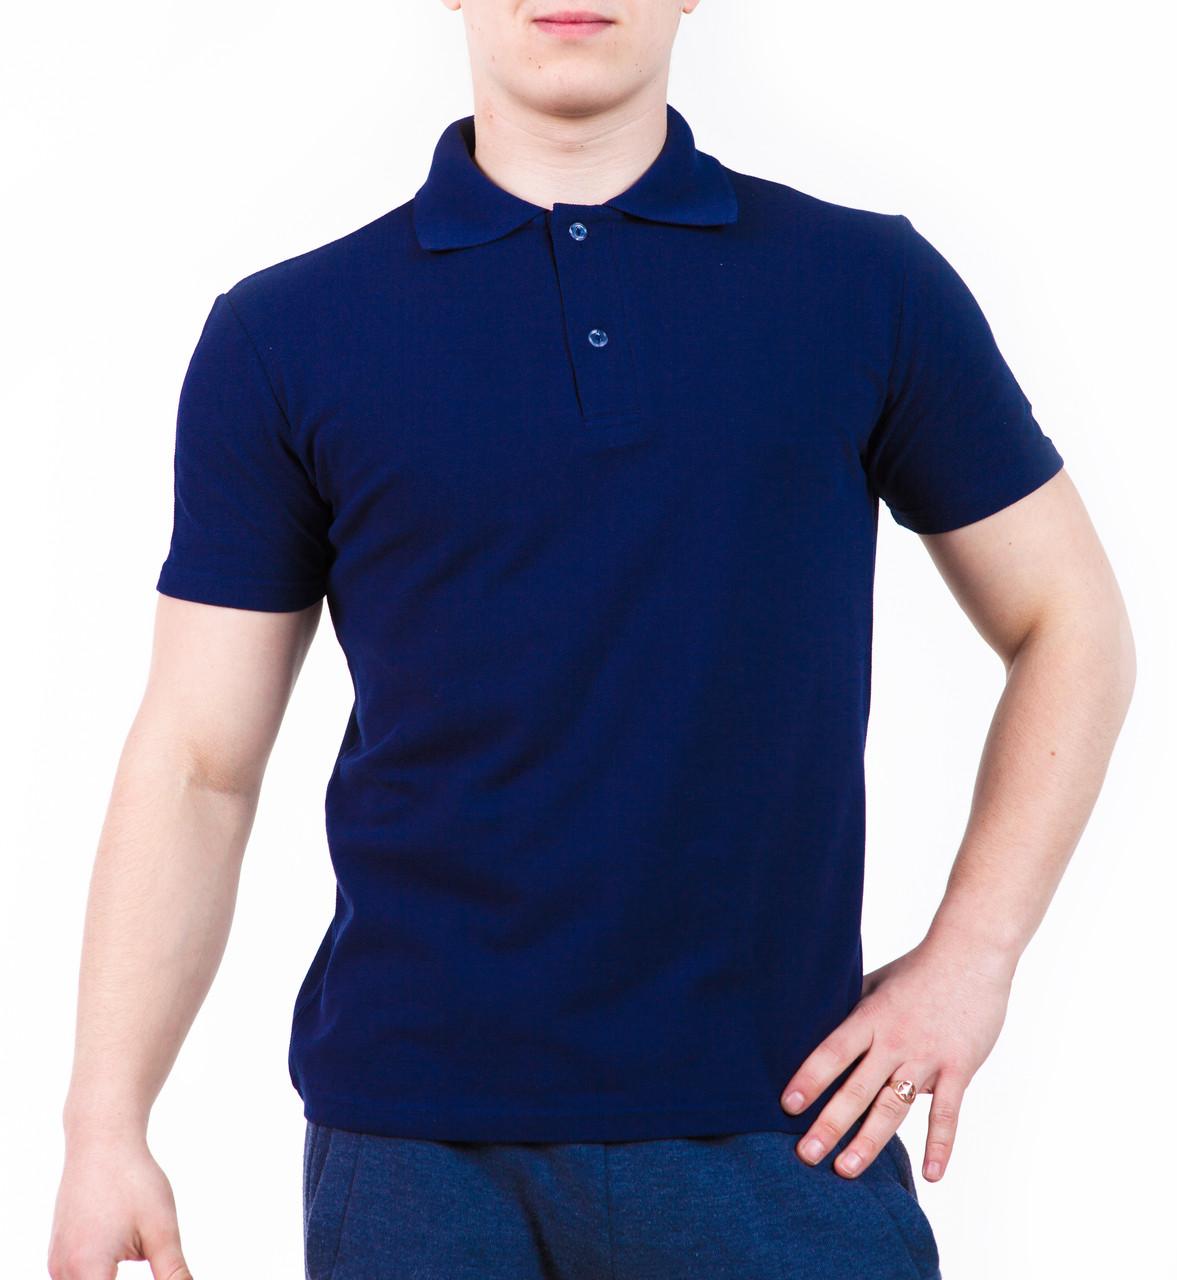 Bono Мужская футболка поло темно-синяя 400141